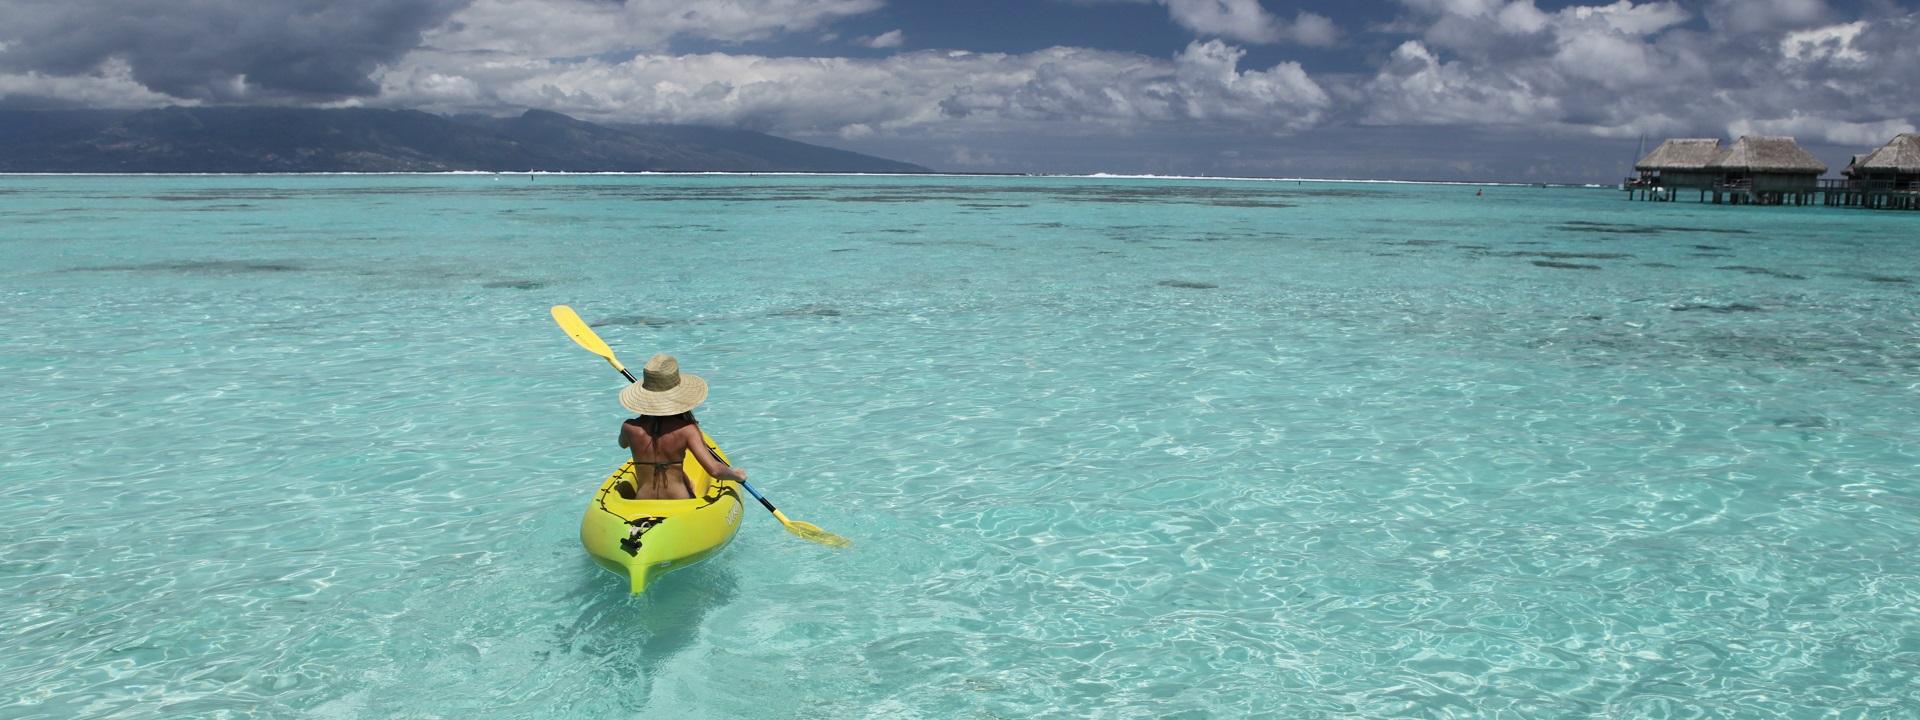 Sofitel Moorea Ia Ora Free kayaks